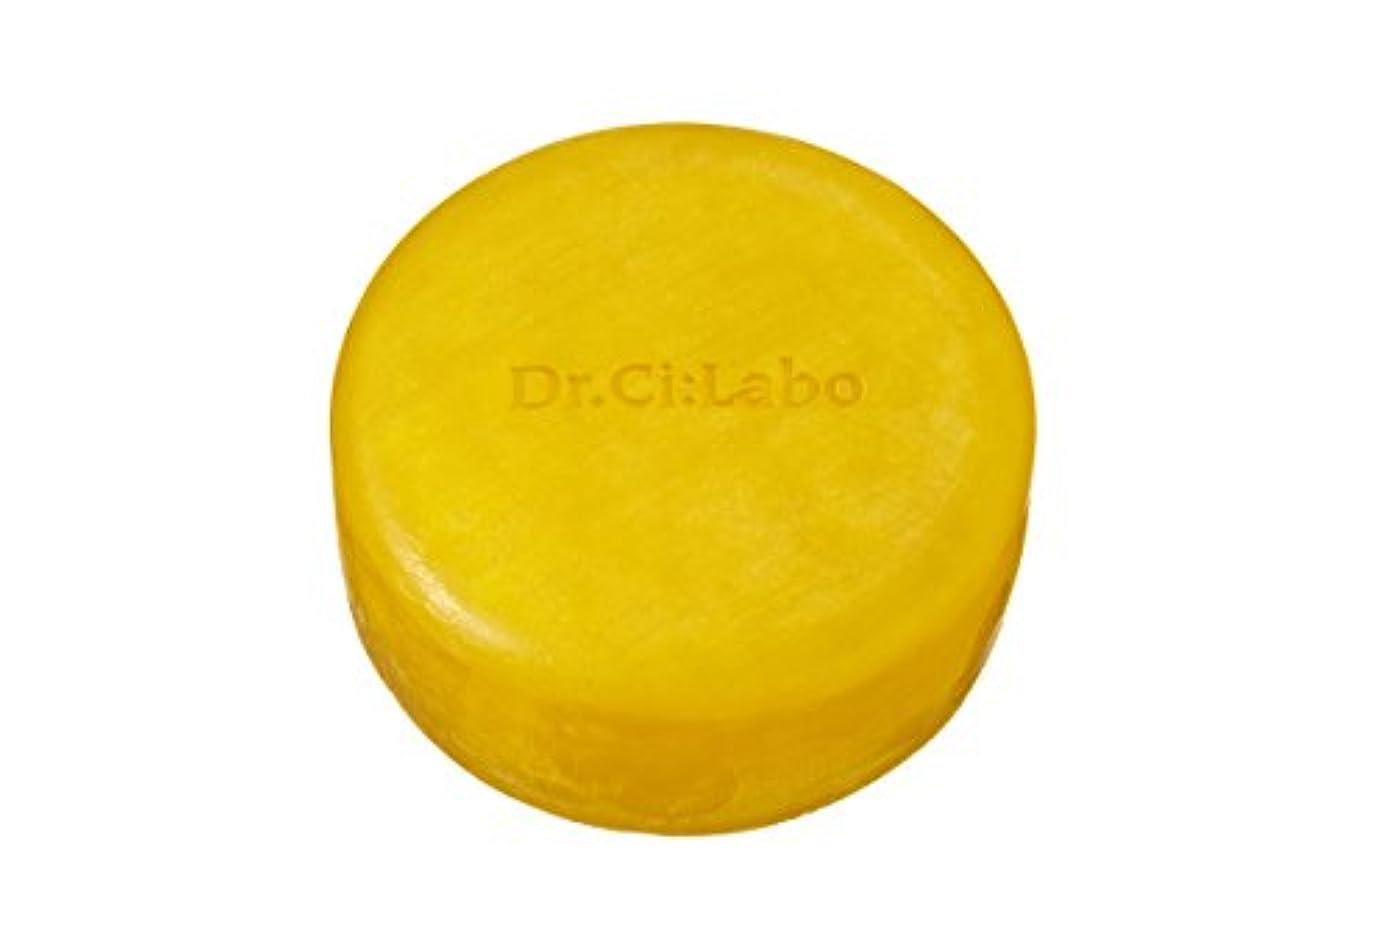 根絶する論文シュートドクターシーラボ エンリッチリフトソープEX 角質オフ石鹸 100g 洗顔石鹸